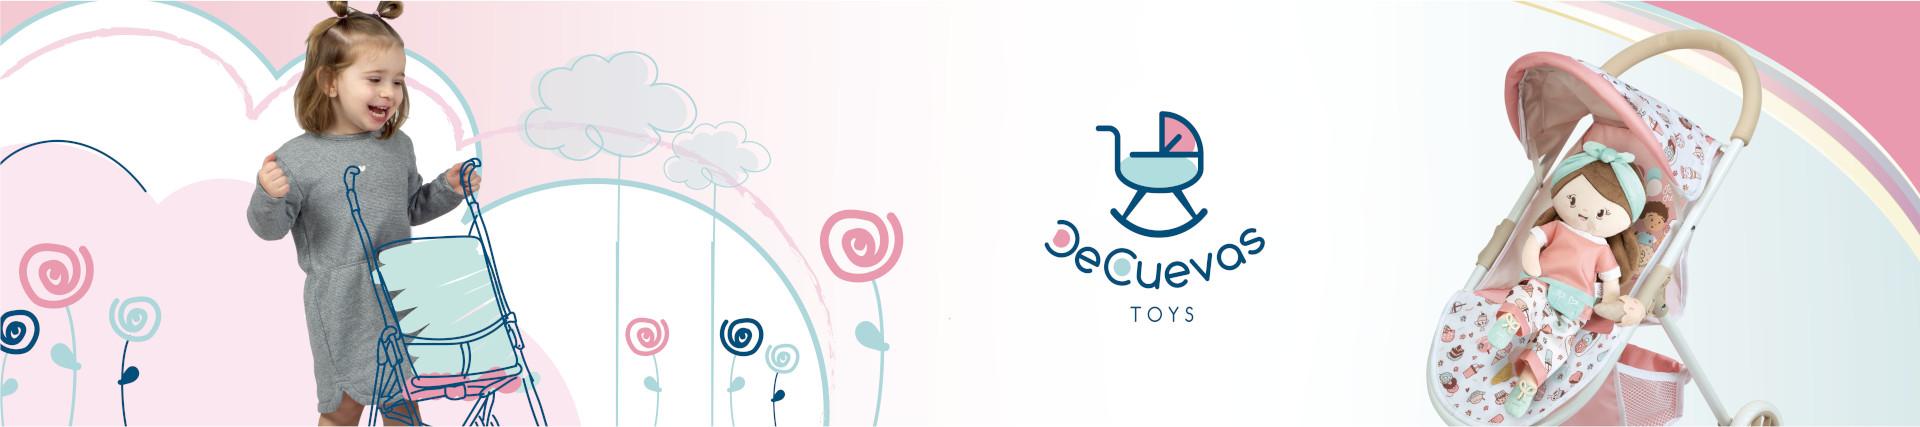 Cadeiras de bonecas | DeCuevas Toys